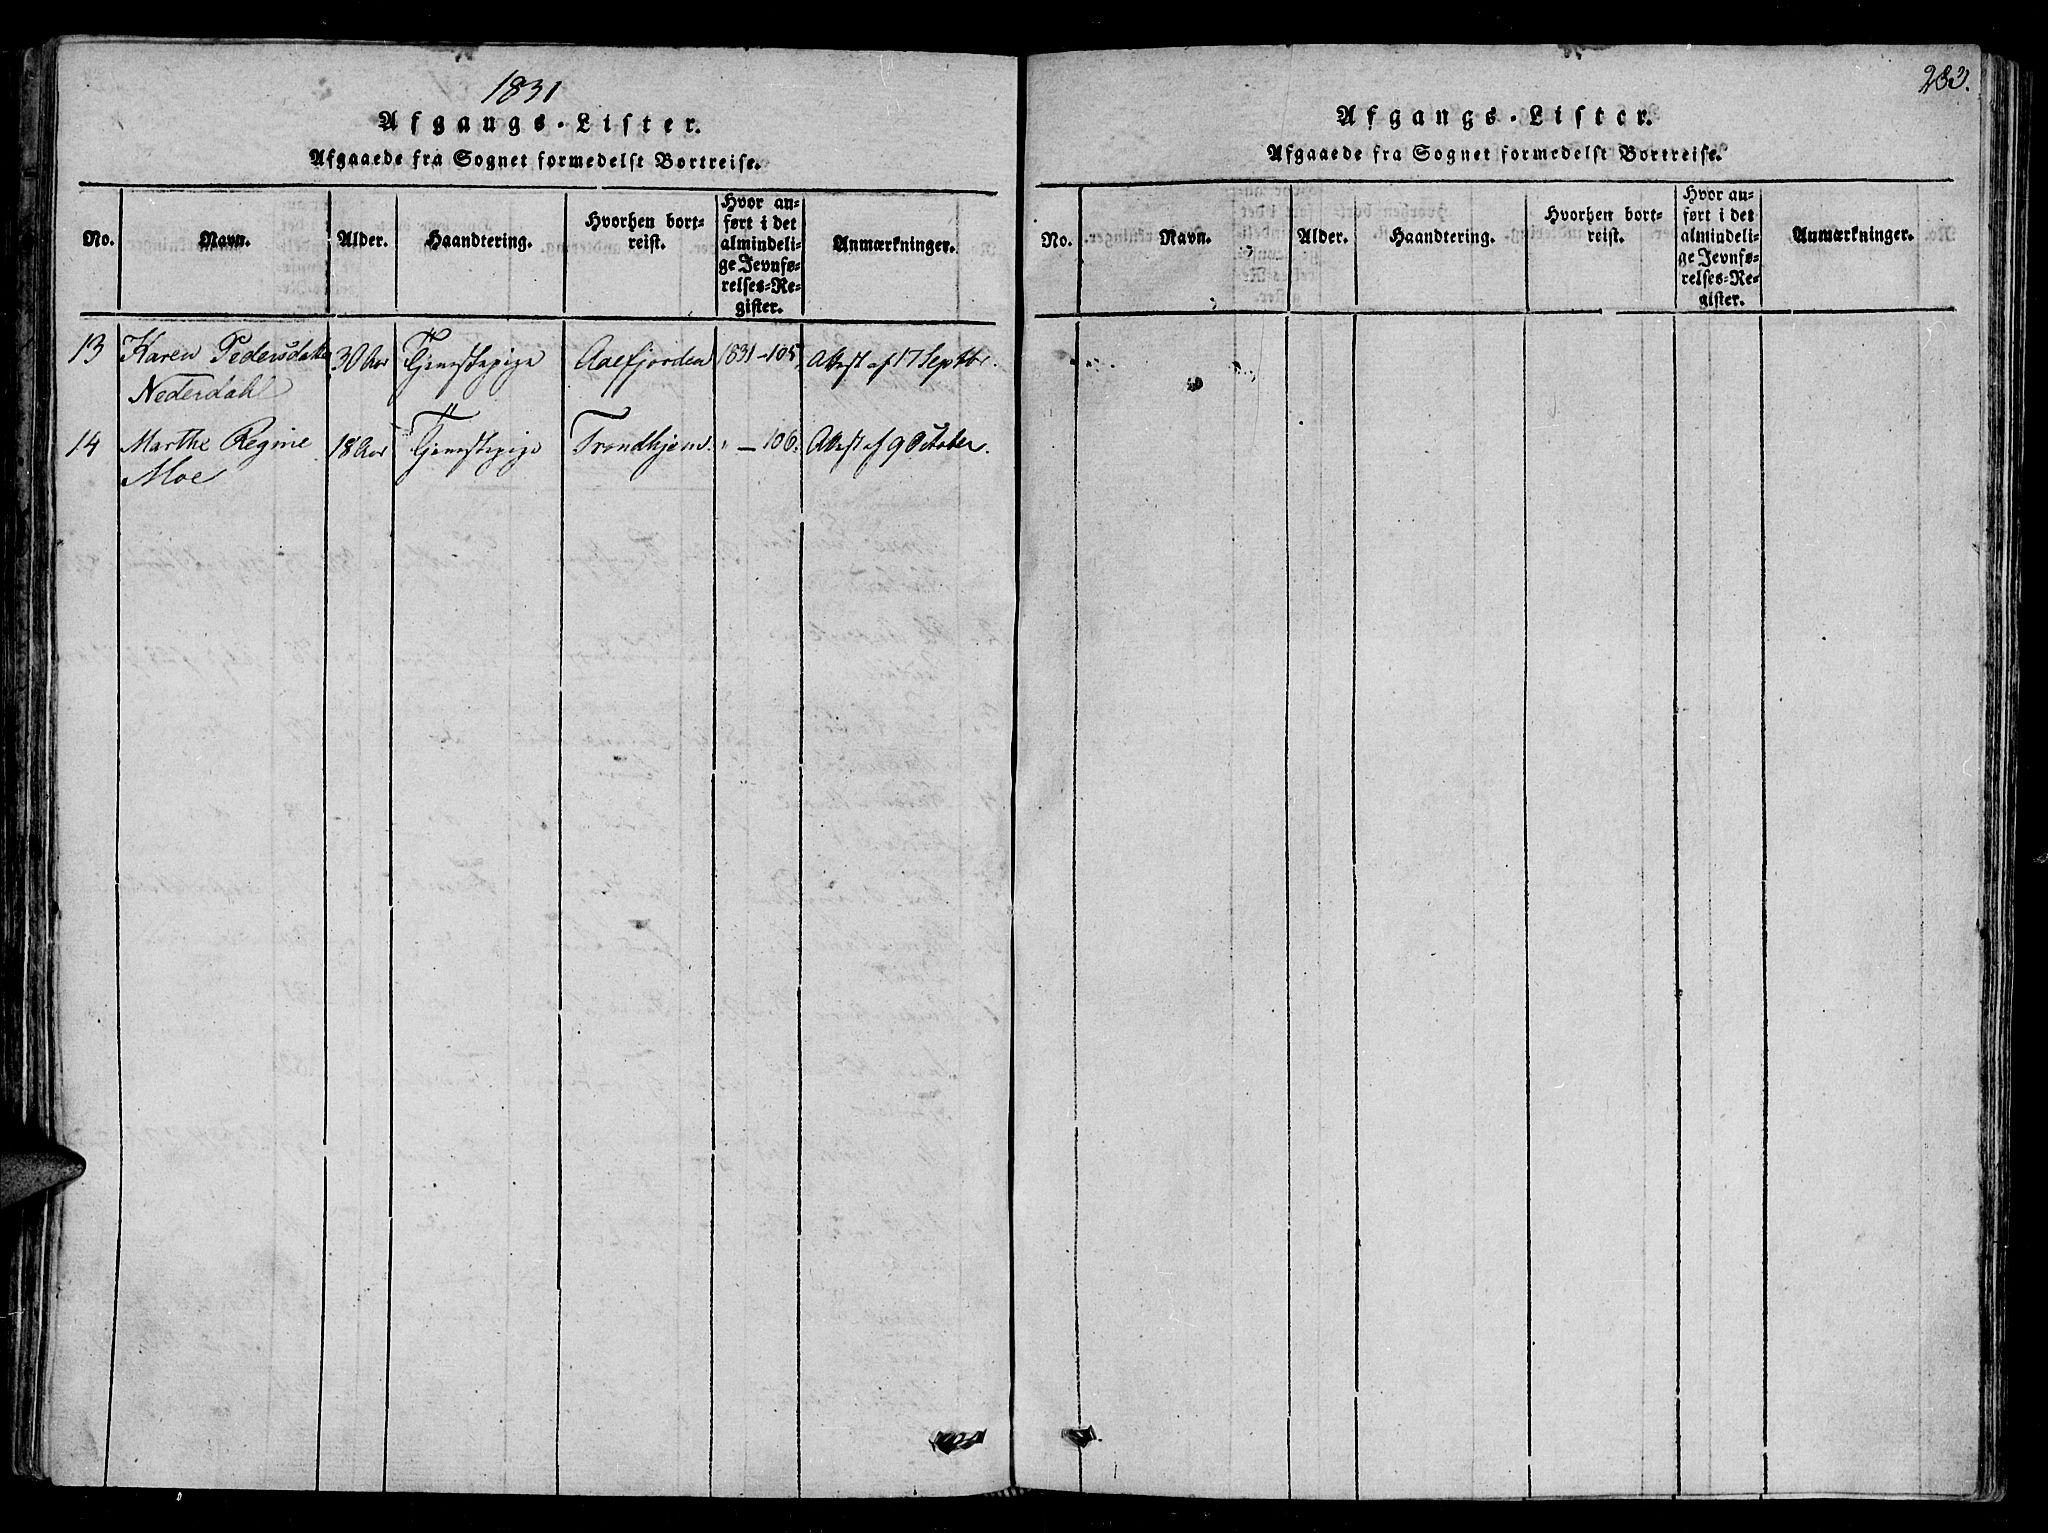 SAT, Ministerialprotokoller, klokkerbøker og fødselsregistre - Sør-Trøndelag, 657/L0702: Ministerialbok nr. 657A03, 1818-1831, s. 283